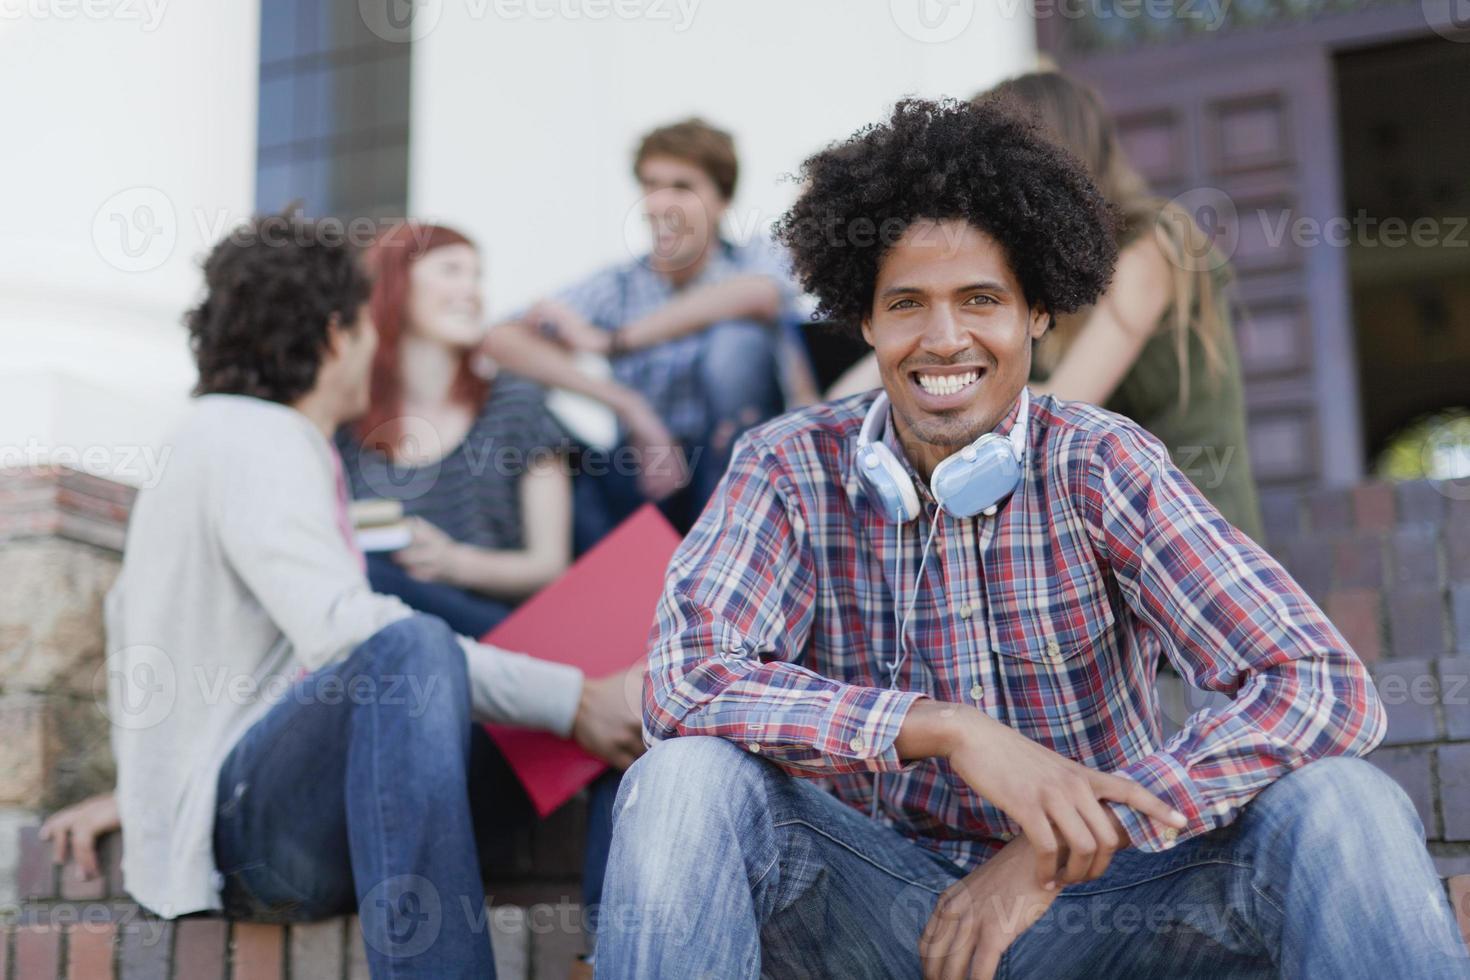 studenti seduti insieme nel campus foto